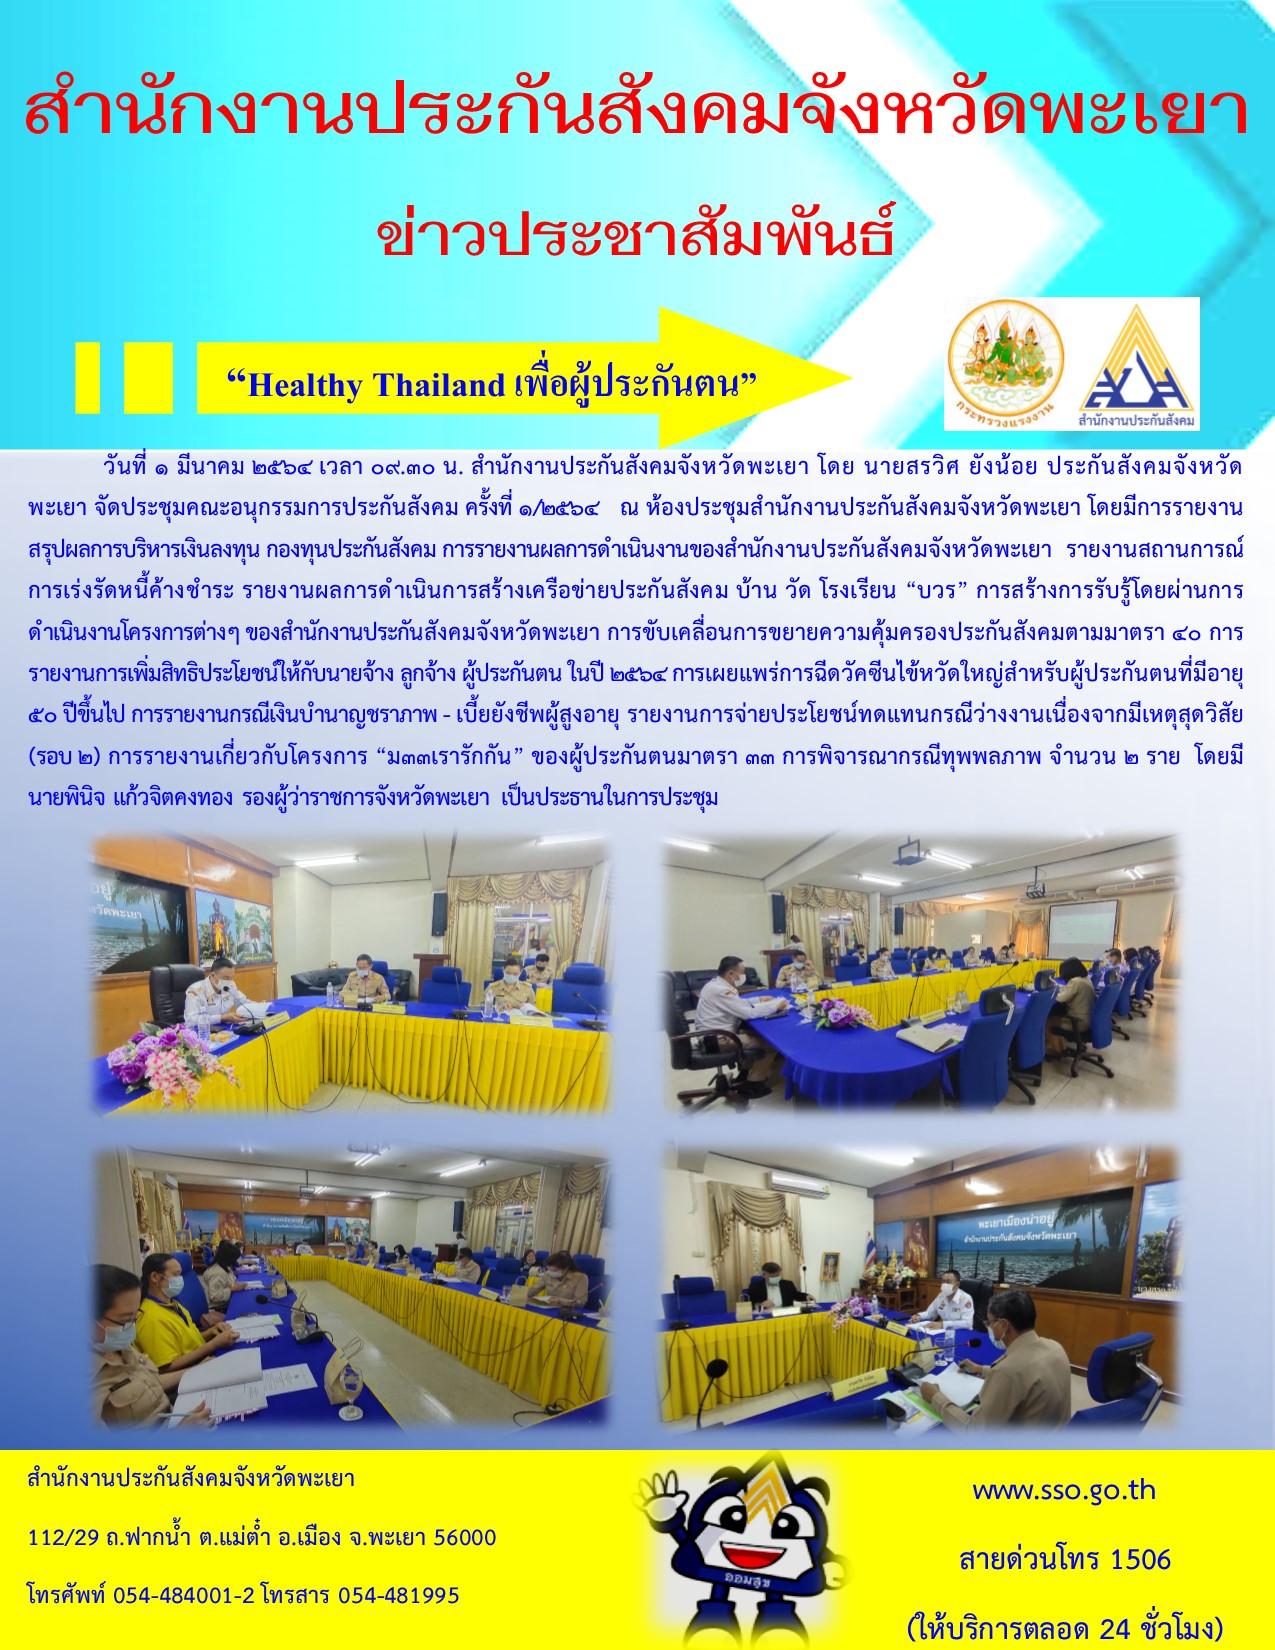 การประชุมคณะอนุกรรมการสำนักงานประกันสังคมจังหวัดพะเยา ครั้งที่ 1/2564